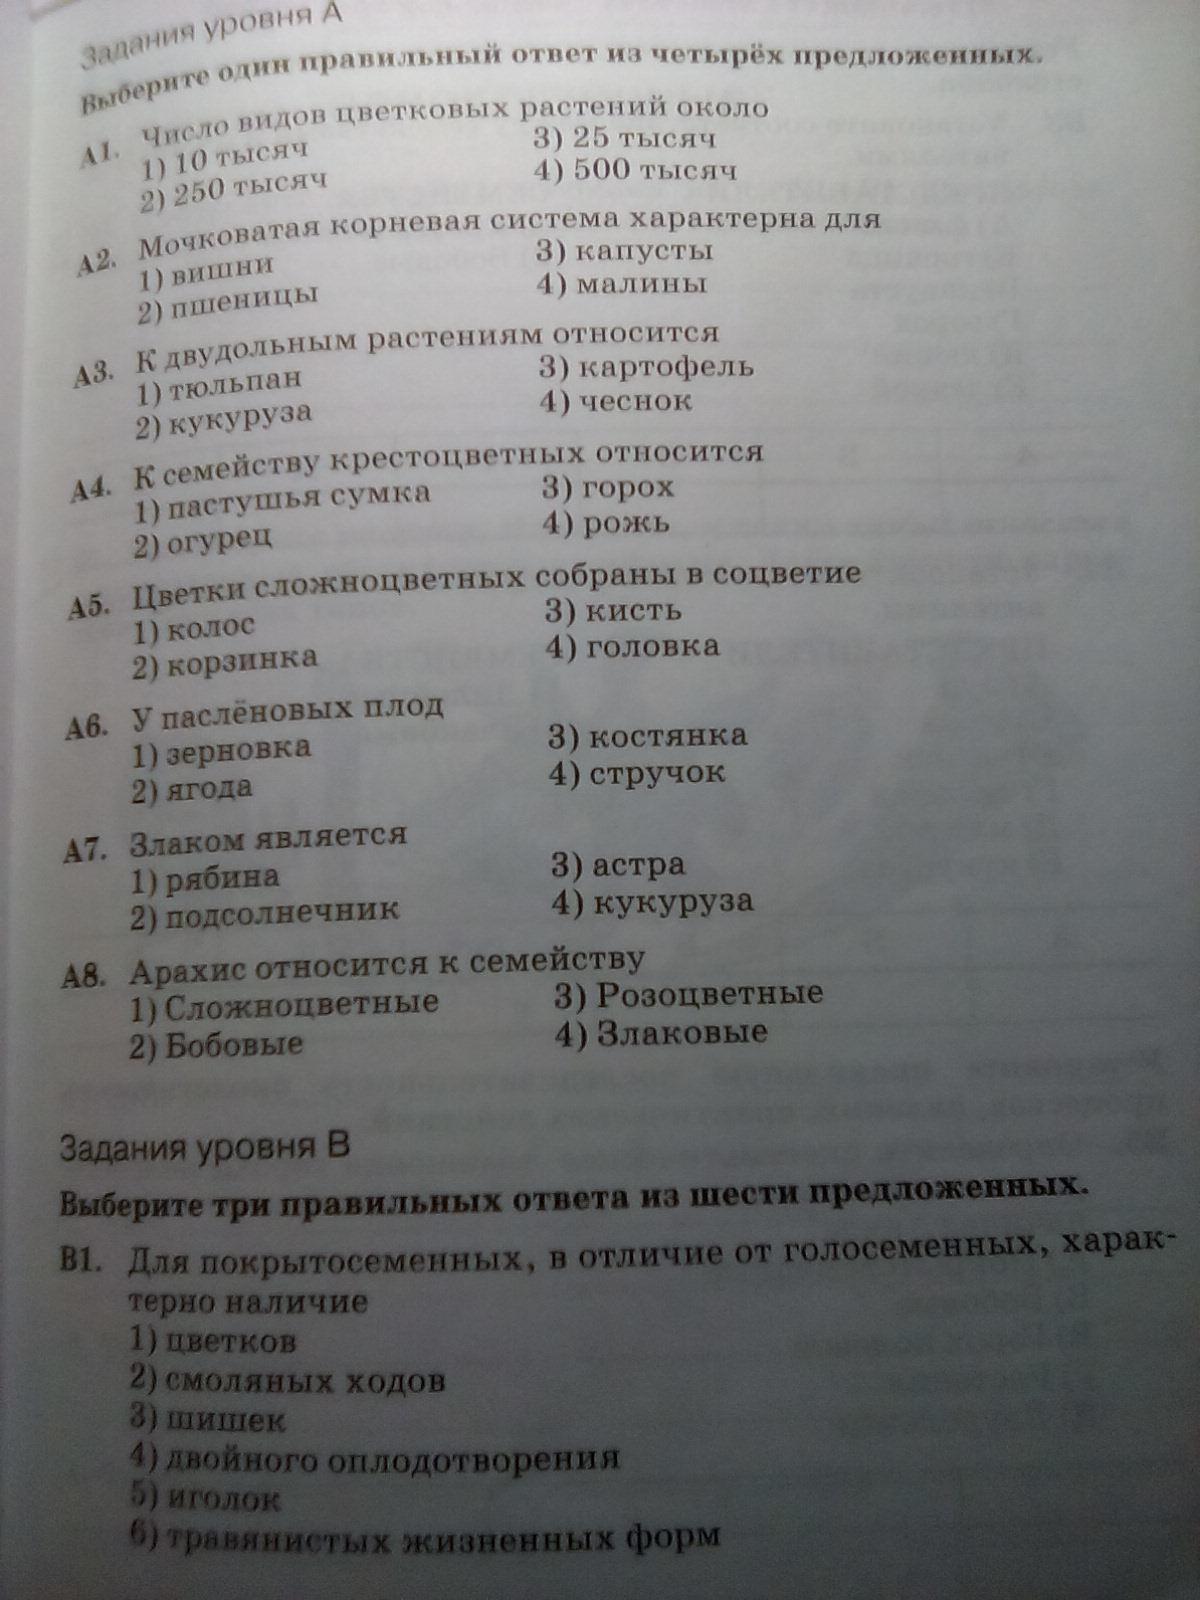 Тесты гекалюк по биологии 8 класс